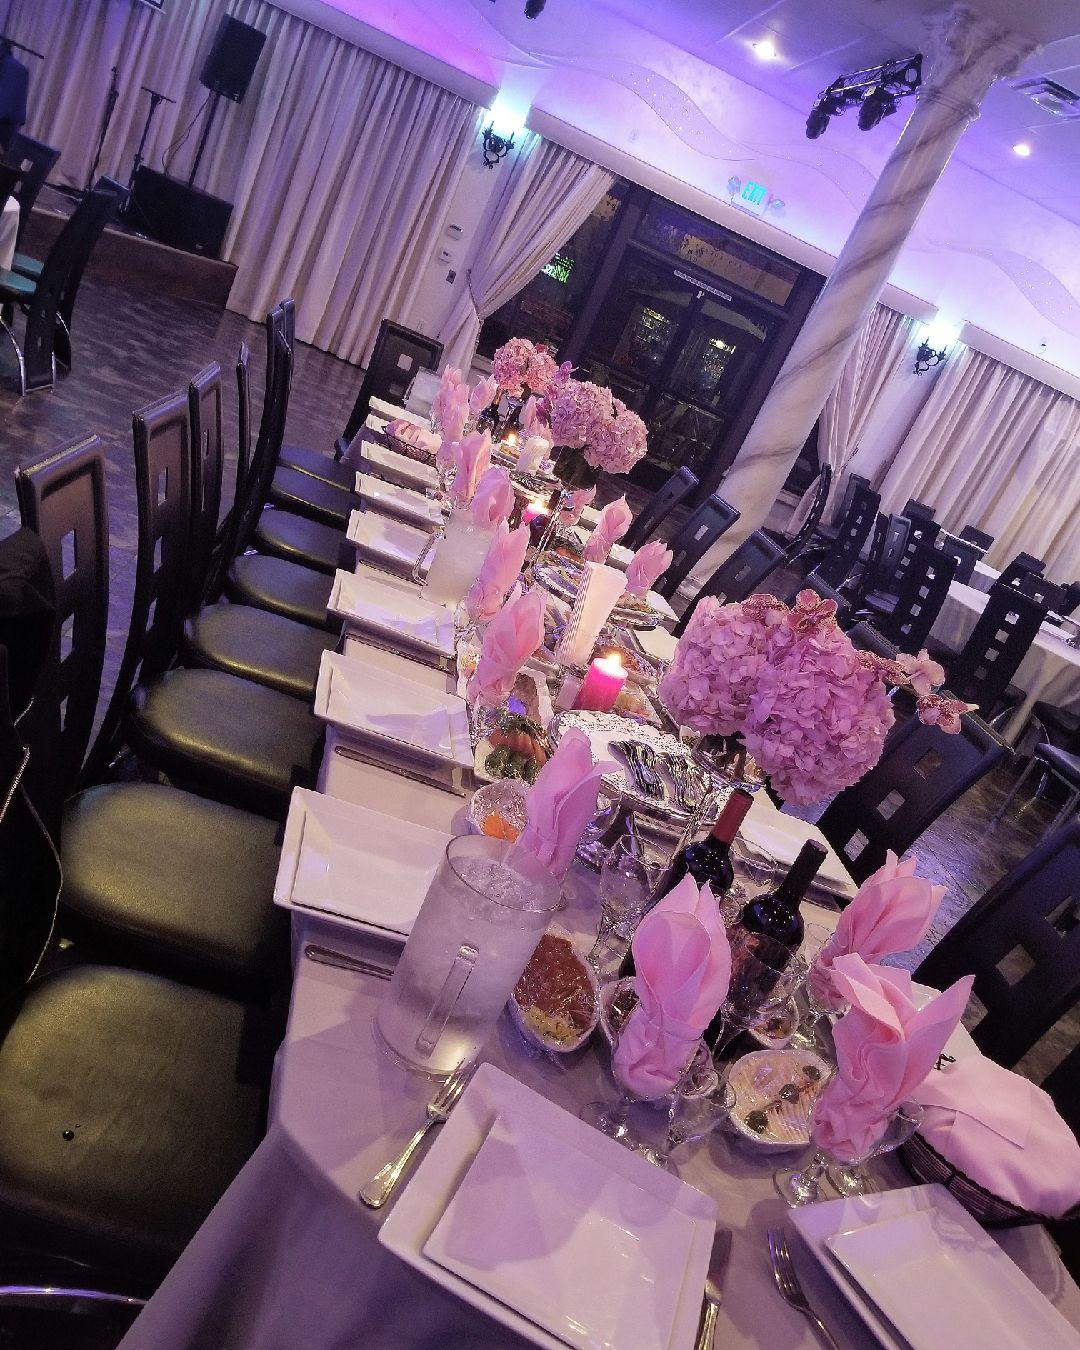 Pierre Garden Restaurant and event venue